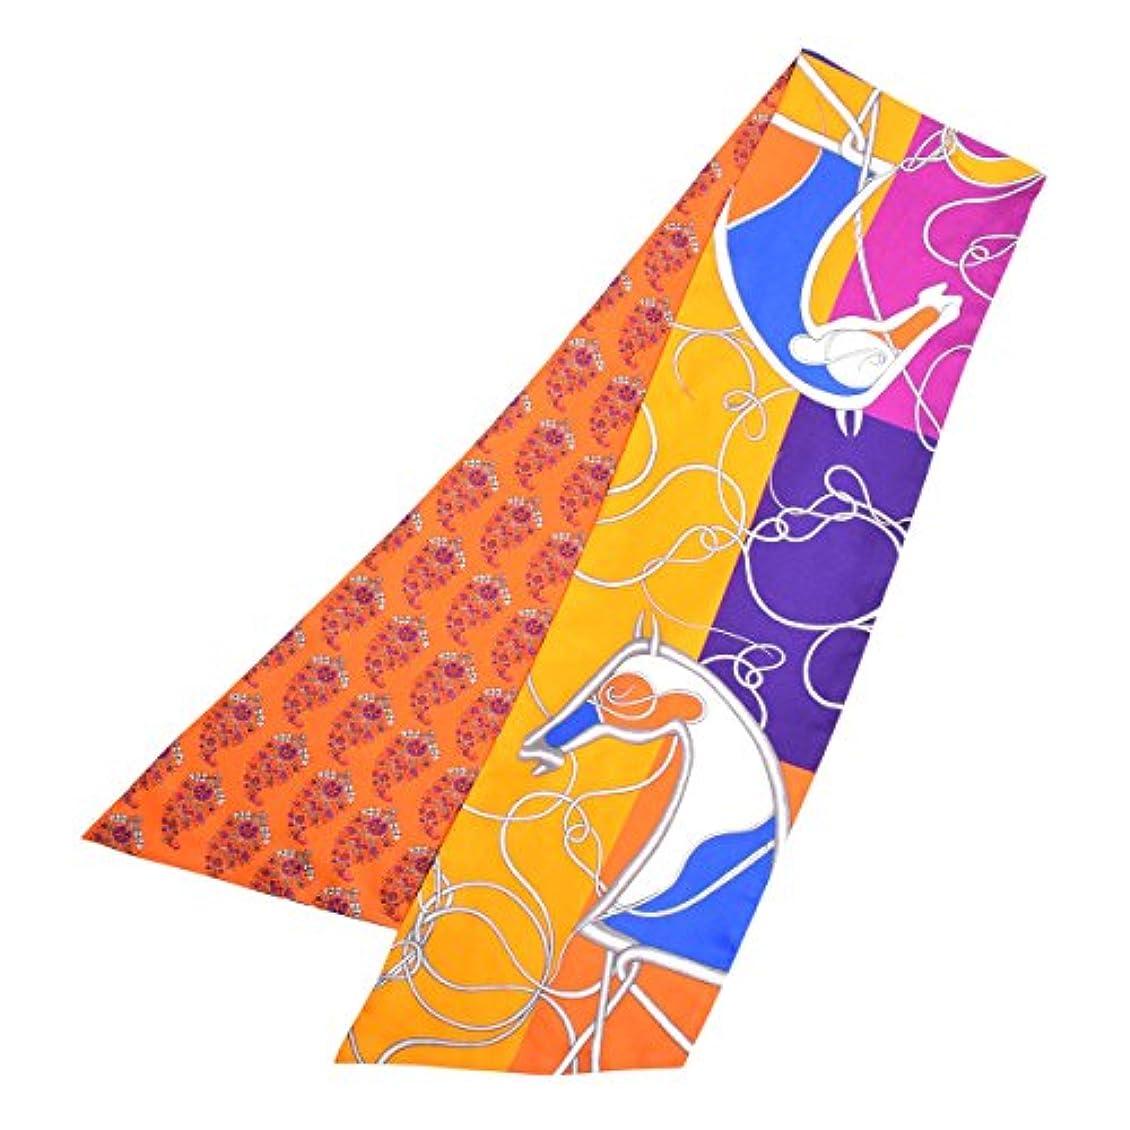 製造注文る(エルメス) HERMES マキシ ツイリー スカーフ シルク 馬 花柄 プリント リバーシブル オレンジ ブルー パープル マルチ [中古]